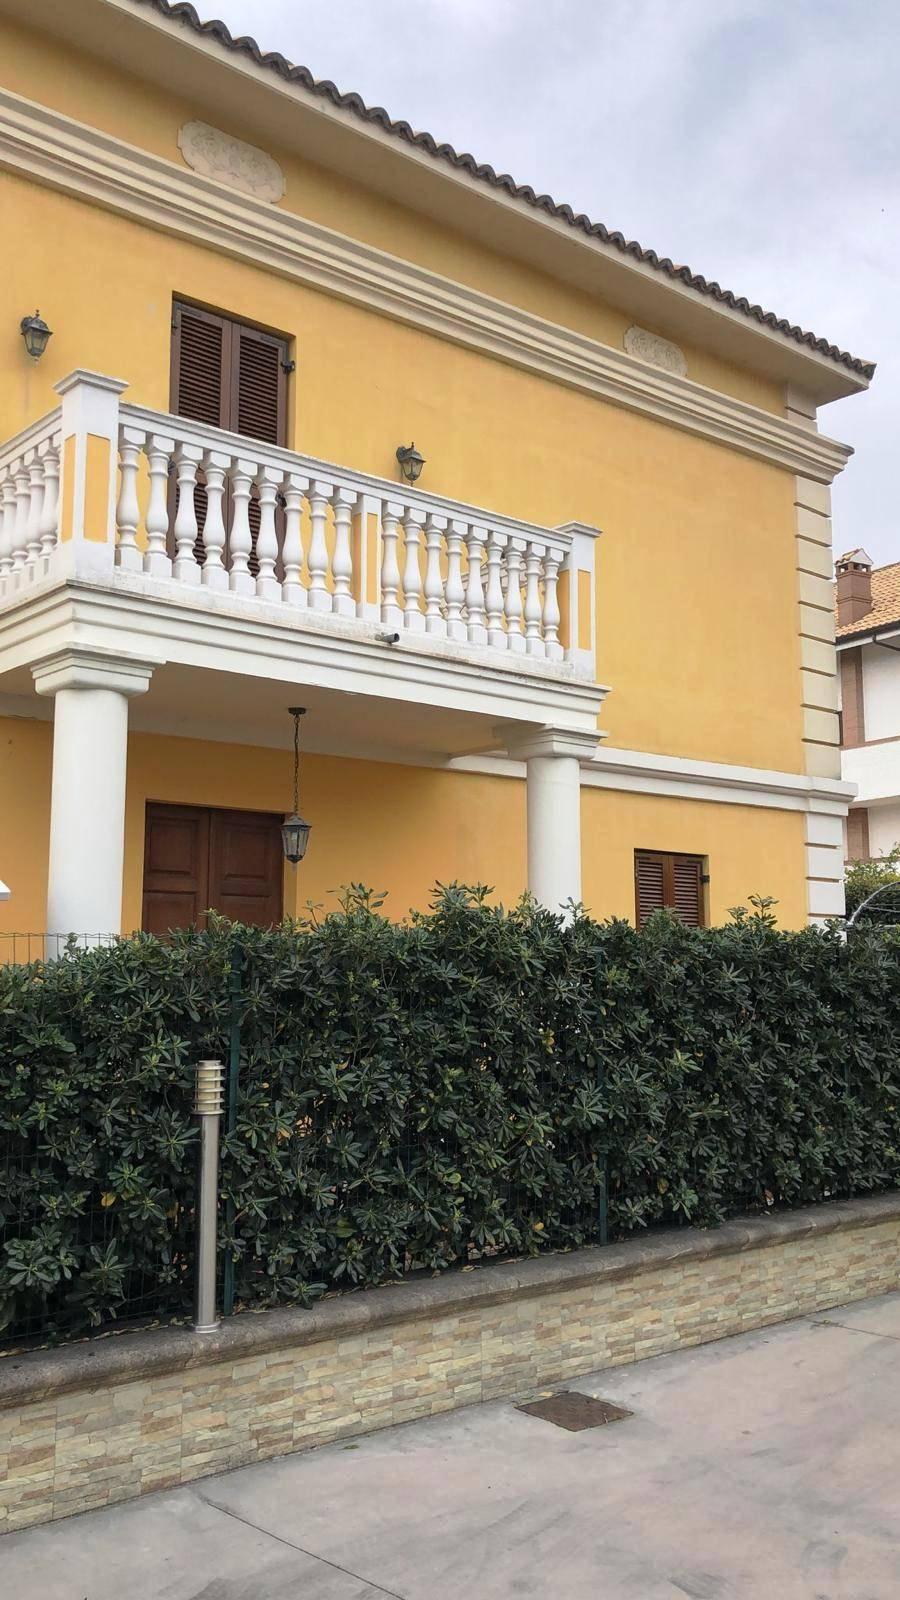 Villa in affitto a Francavilla al Mare, 5 locali, zona Località: Villanesi, prezzo € 800 | CambioCasa.it